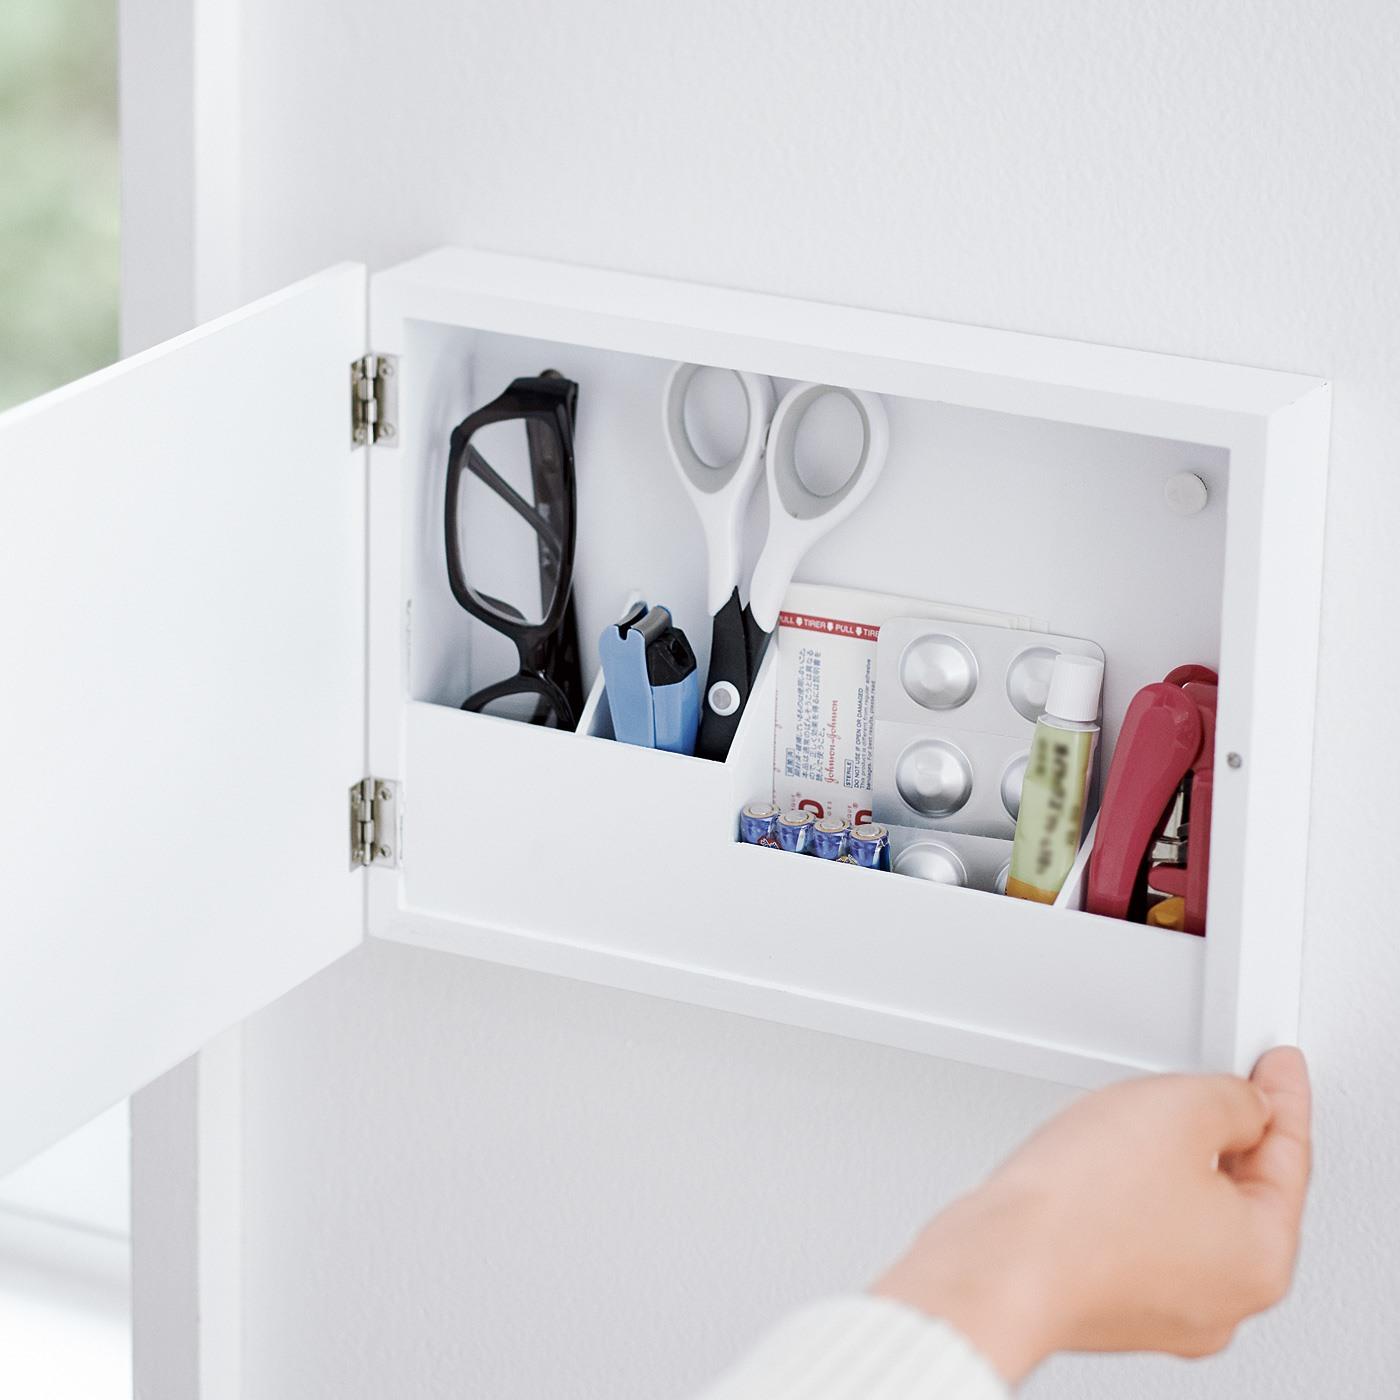 文房具、印鑑、つめ切りなど頻繁に使う小物を、壁になじませつつ収納。